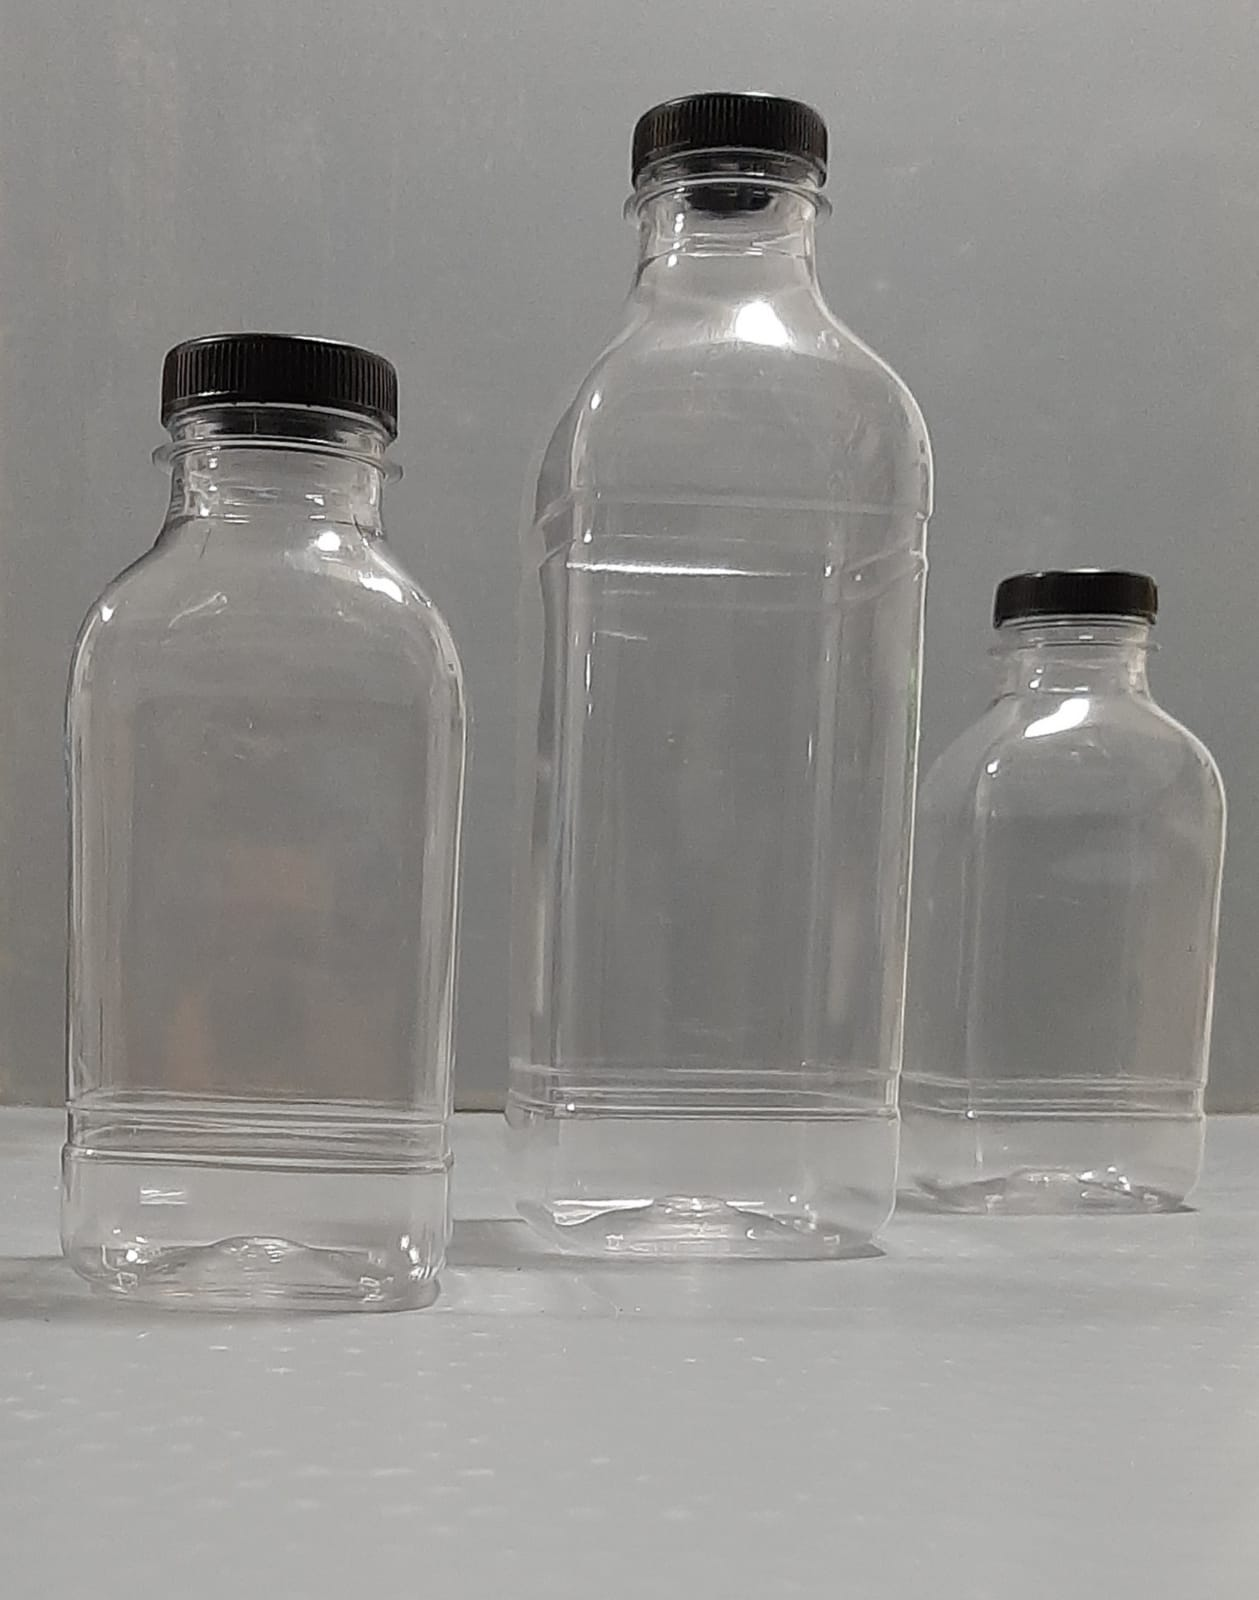 WB water bottle deposit